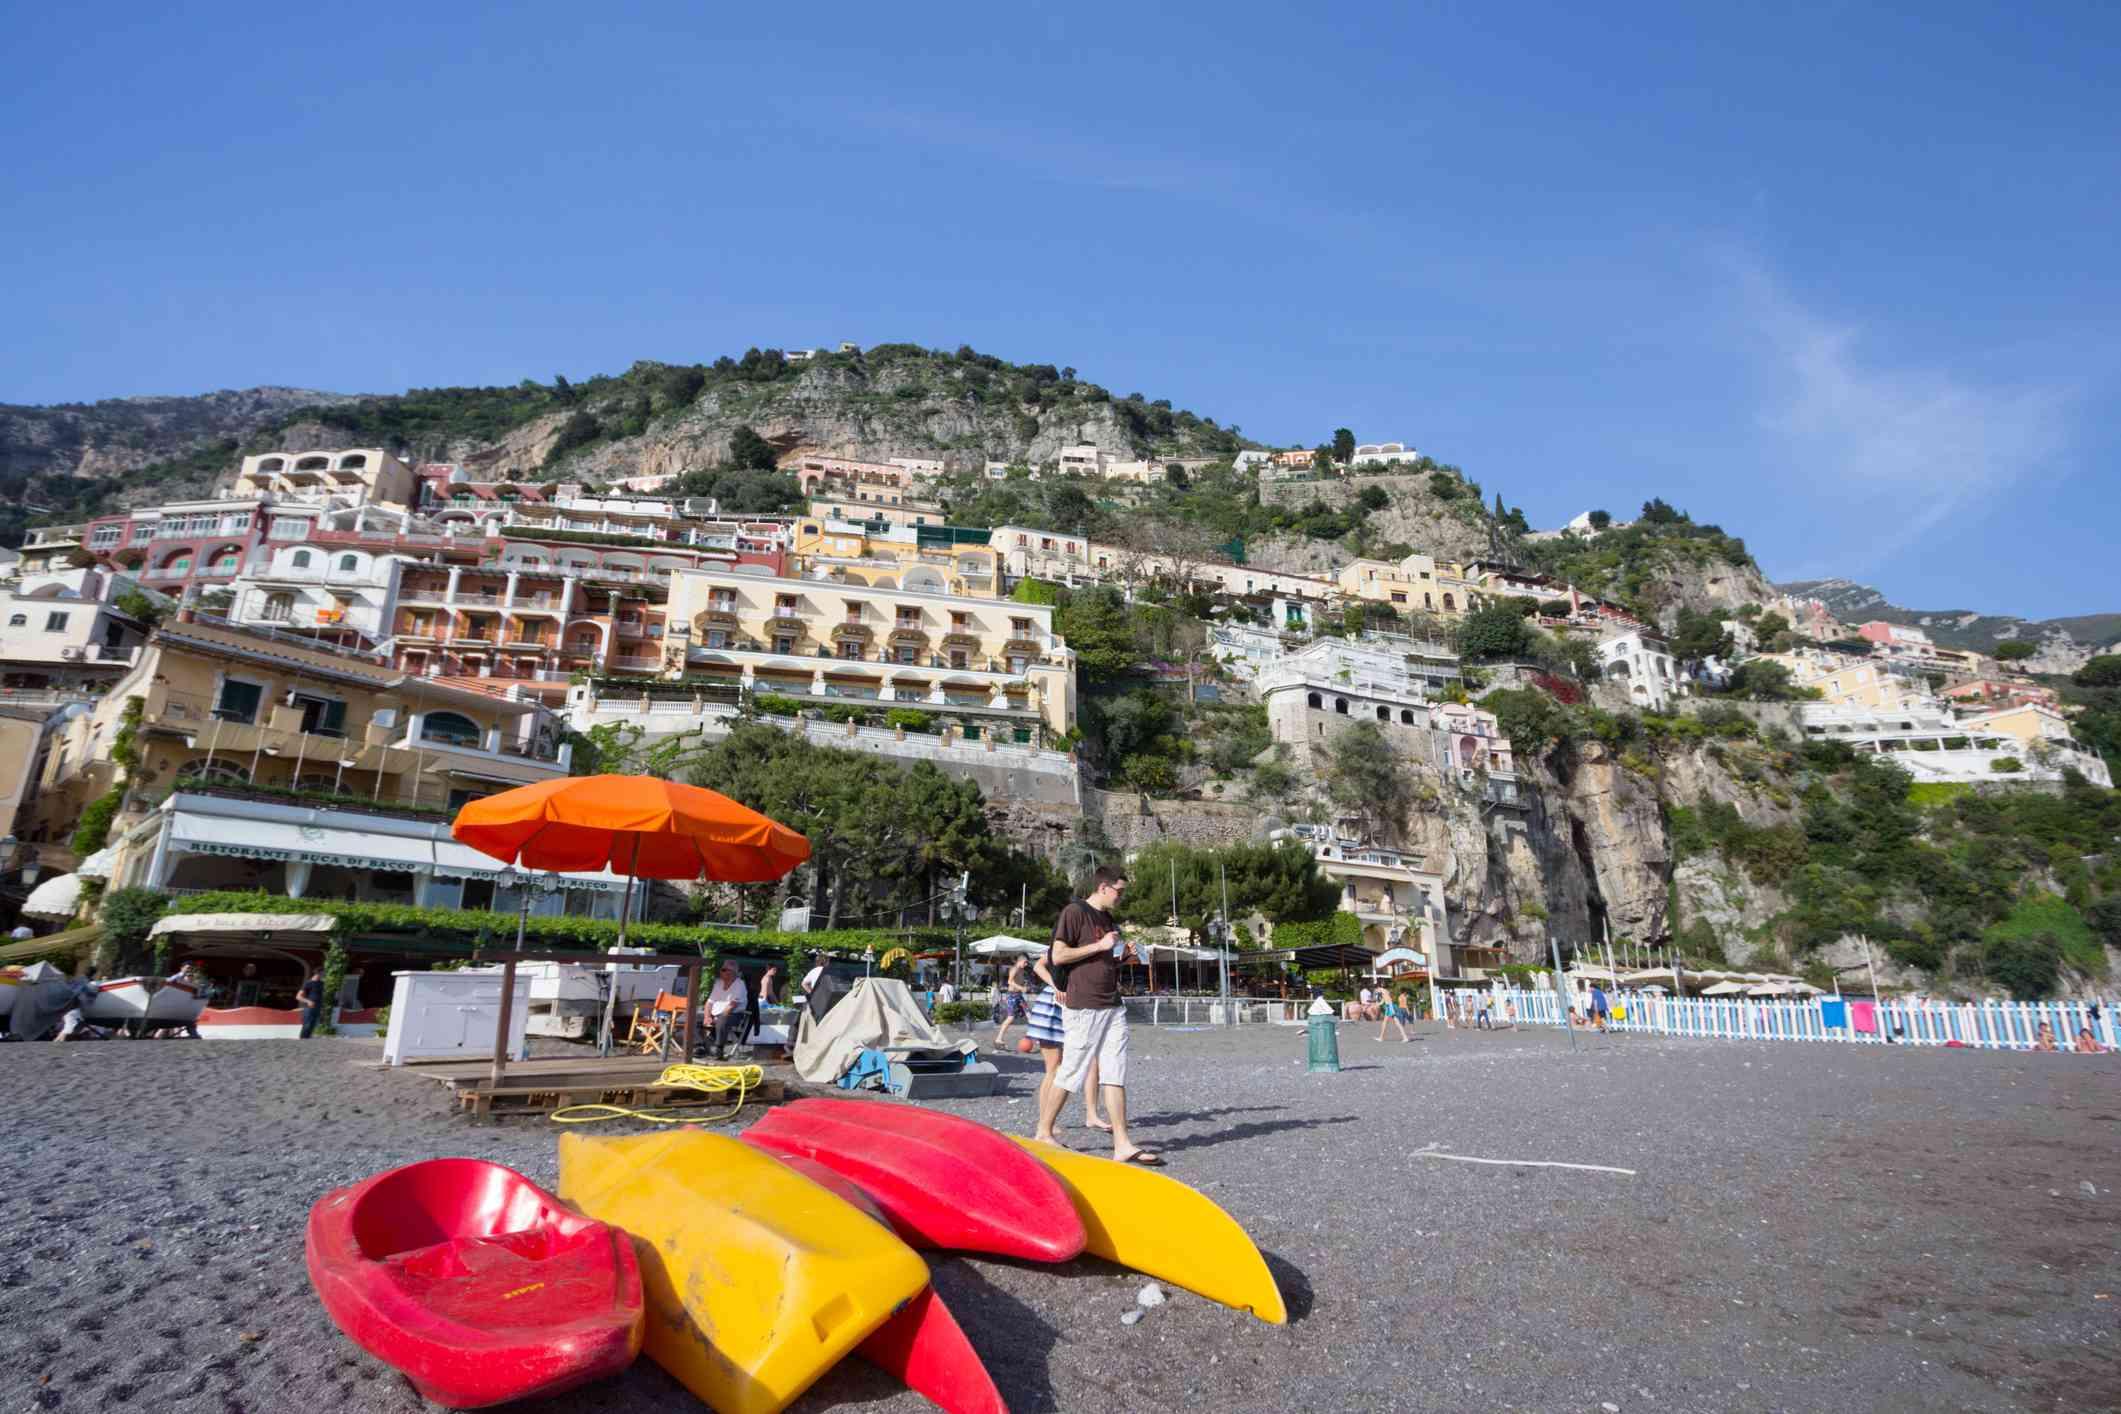 Alquiler de kayak en la playa de Positano